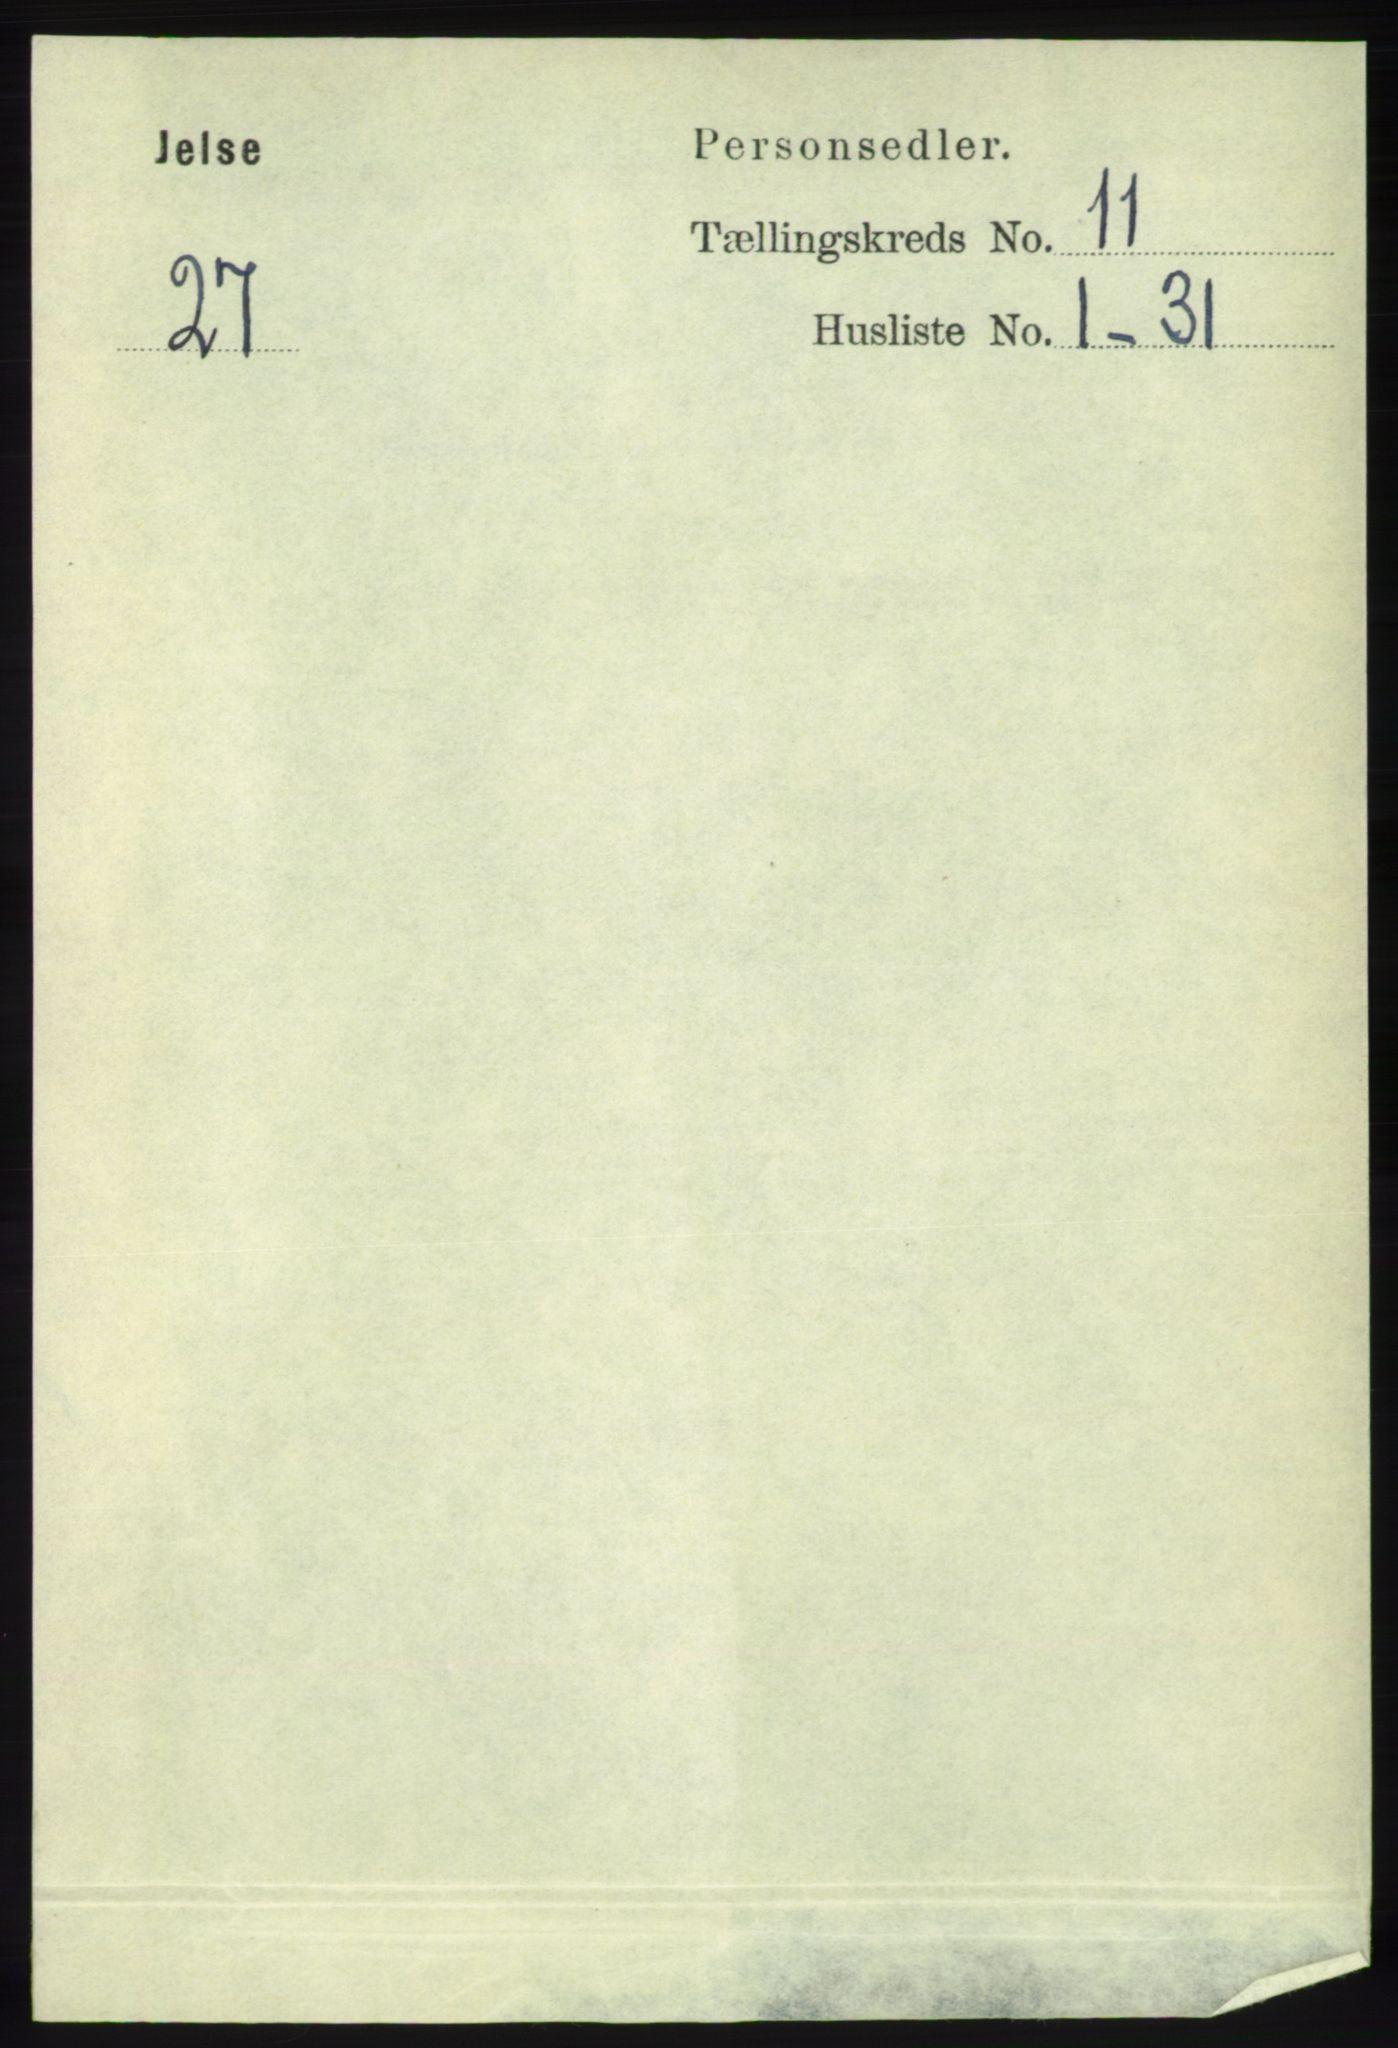 RA, Folketelling 1891 for 1138 Jelsa herred, 1891, s. 2771